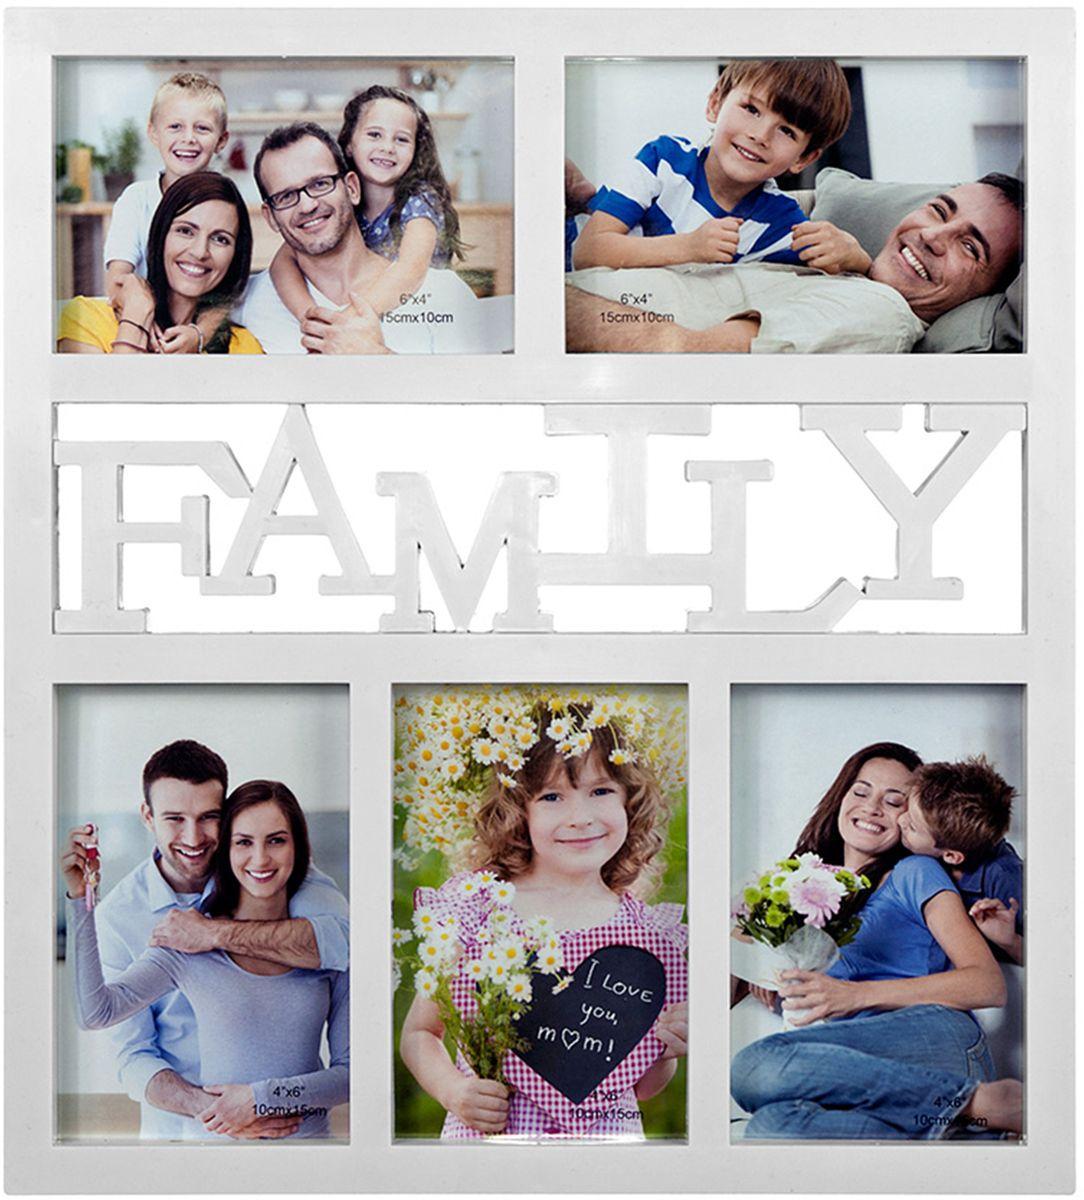 Фоторамка-коллаж Platinum Family, на 5 фото, цвет: белый. BIN-1123131-WBIN-1123131-WФоторамка-коллаж Platinum - прекрасный способ красиво оформить ваши фотографии.Фоторамка выполнена из пластика и защищена стеклом.Фоторамка-коллаж представляет собой 5 фоторамок для фото оригинально соединенных междусобой. Такая фоторамка поможет сохранить в памяти самые яркие моменты вашей жизни, астильный дизайн сделает ее прекрасным дополнением интерьера комнаты. Фоторамка подходит для 5 фотографий: 10 х 15 см.